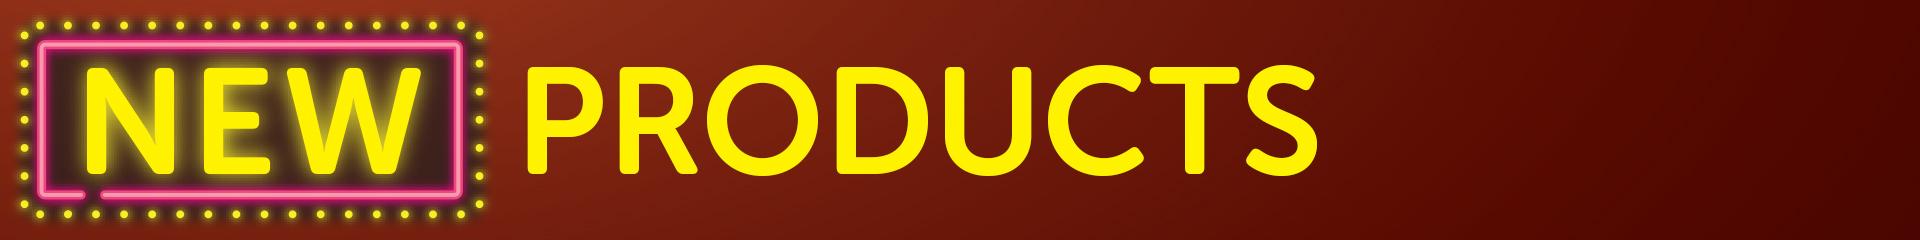 QuickStudy new titles.